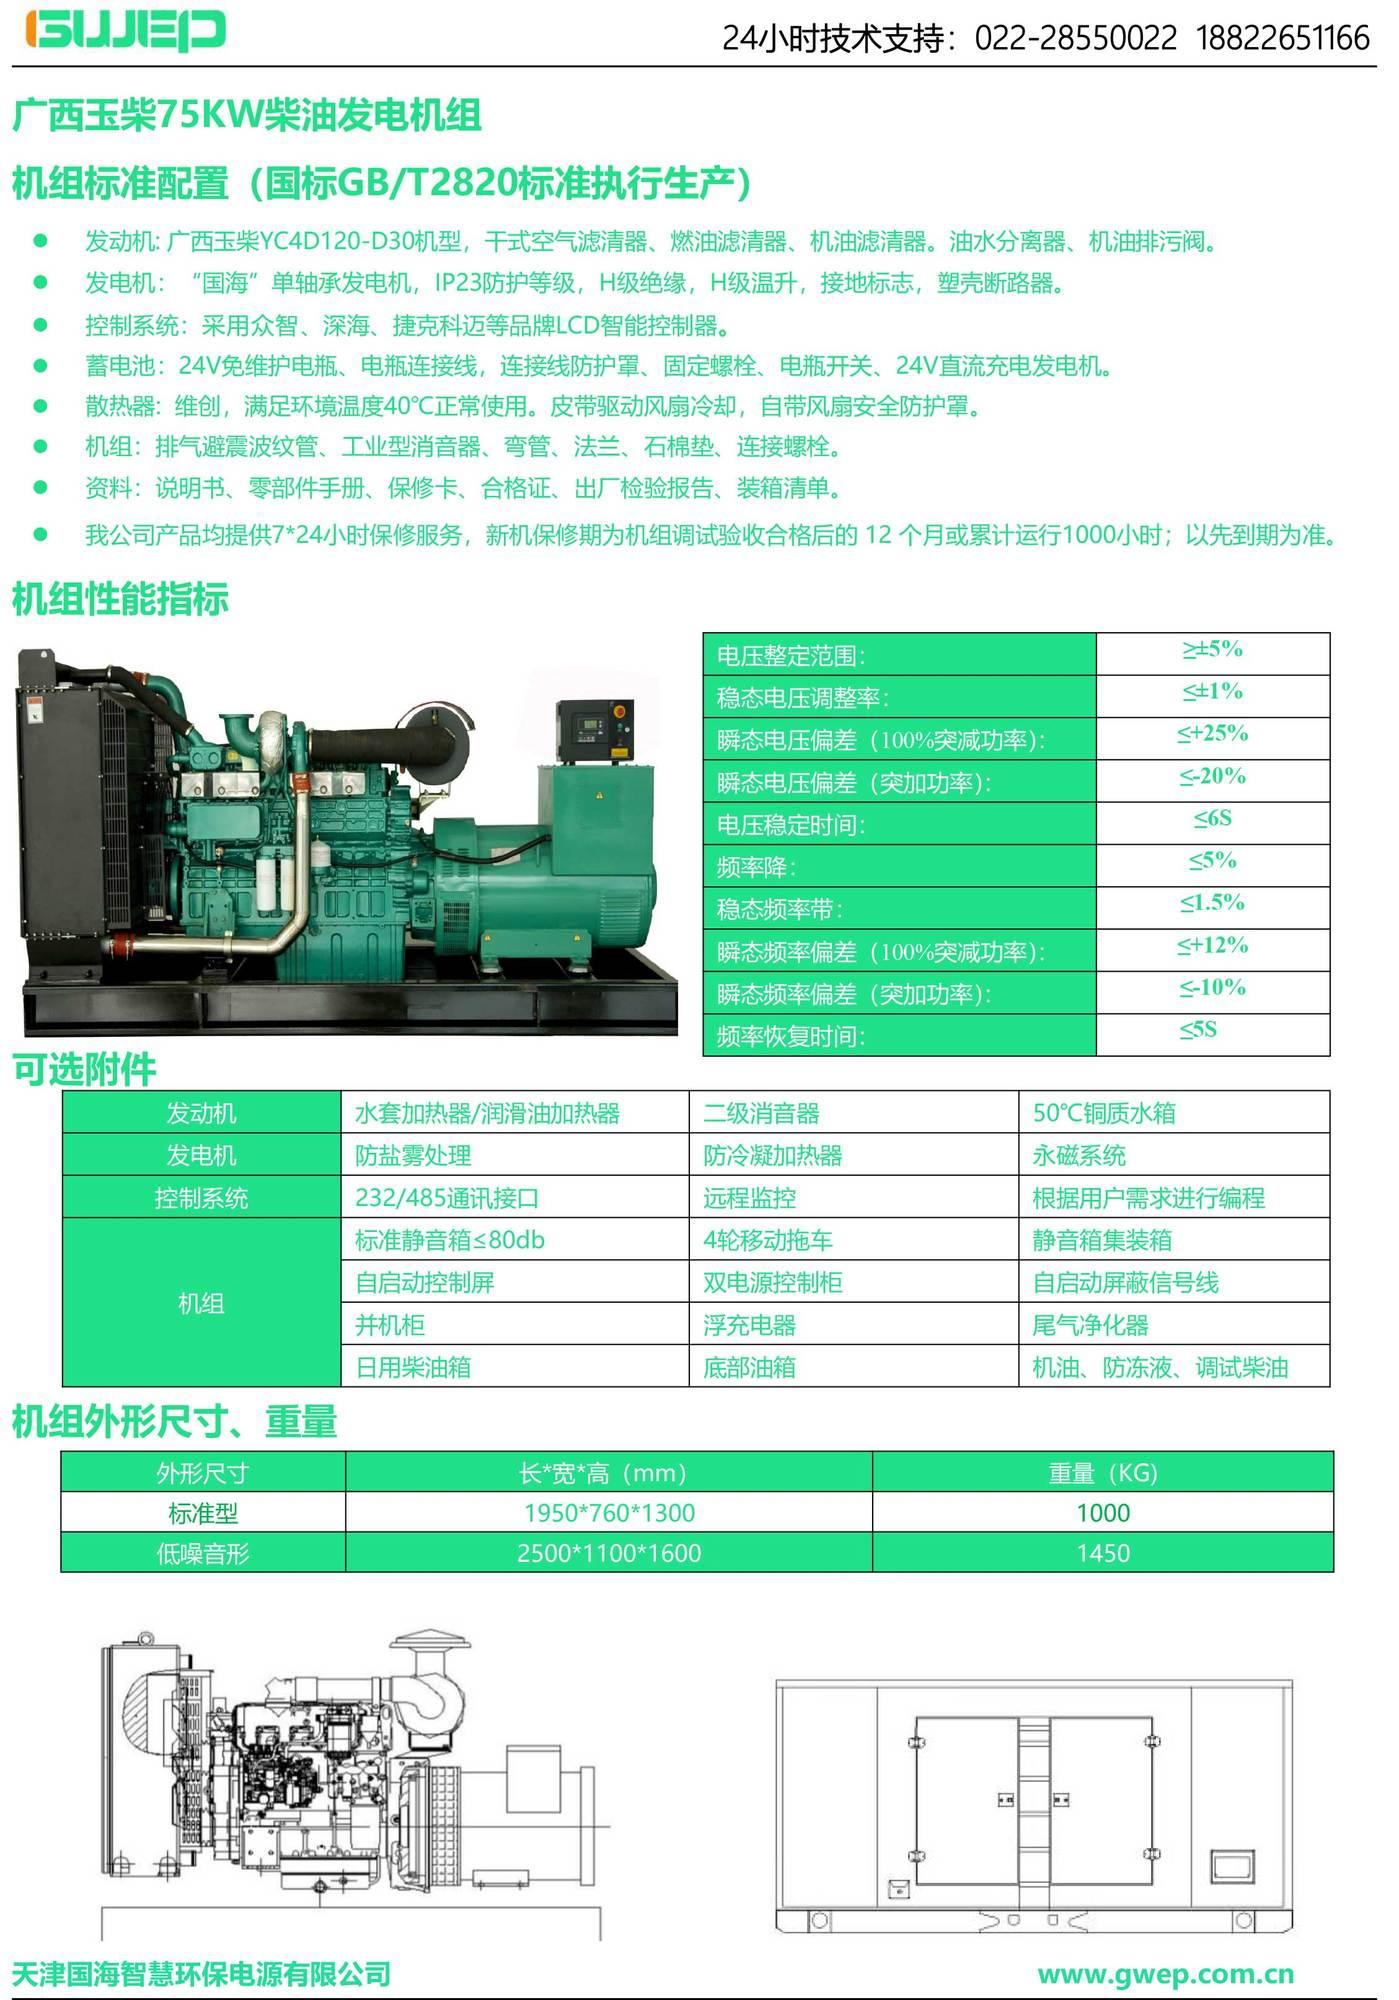 玉柴75KW发电机组技术资料-1.jpg